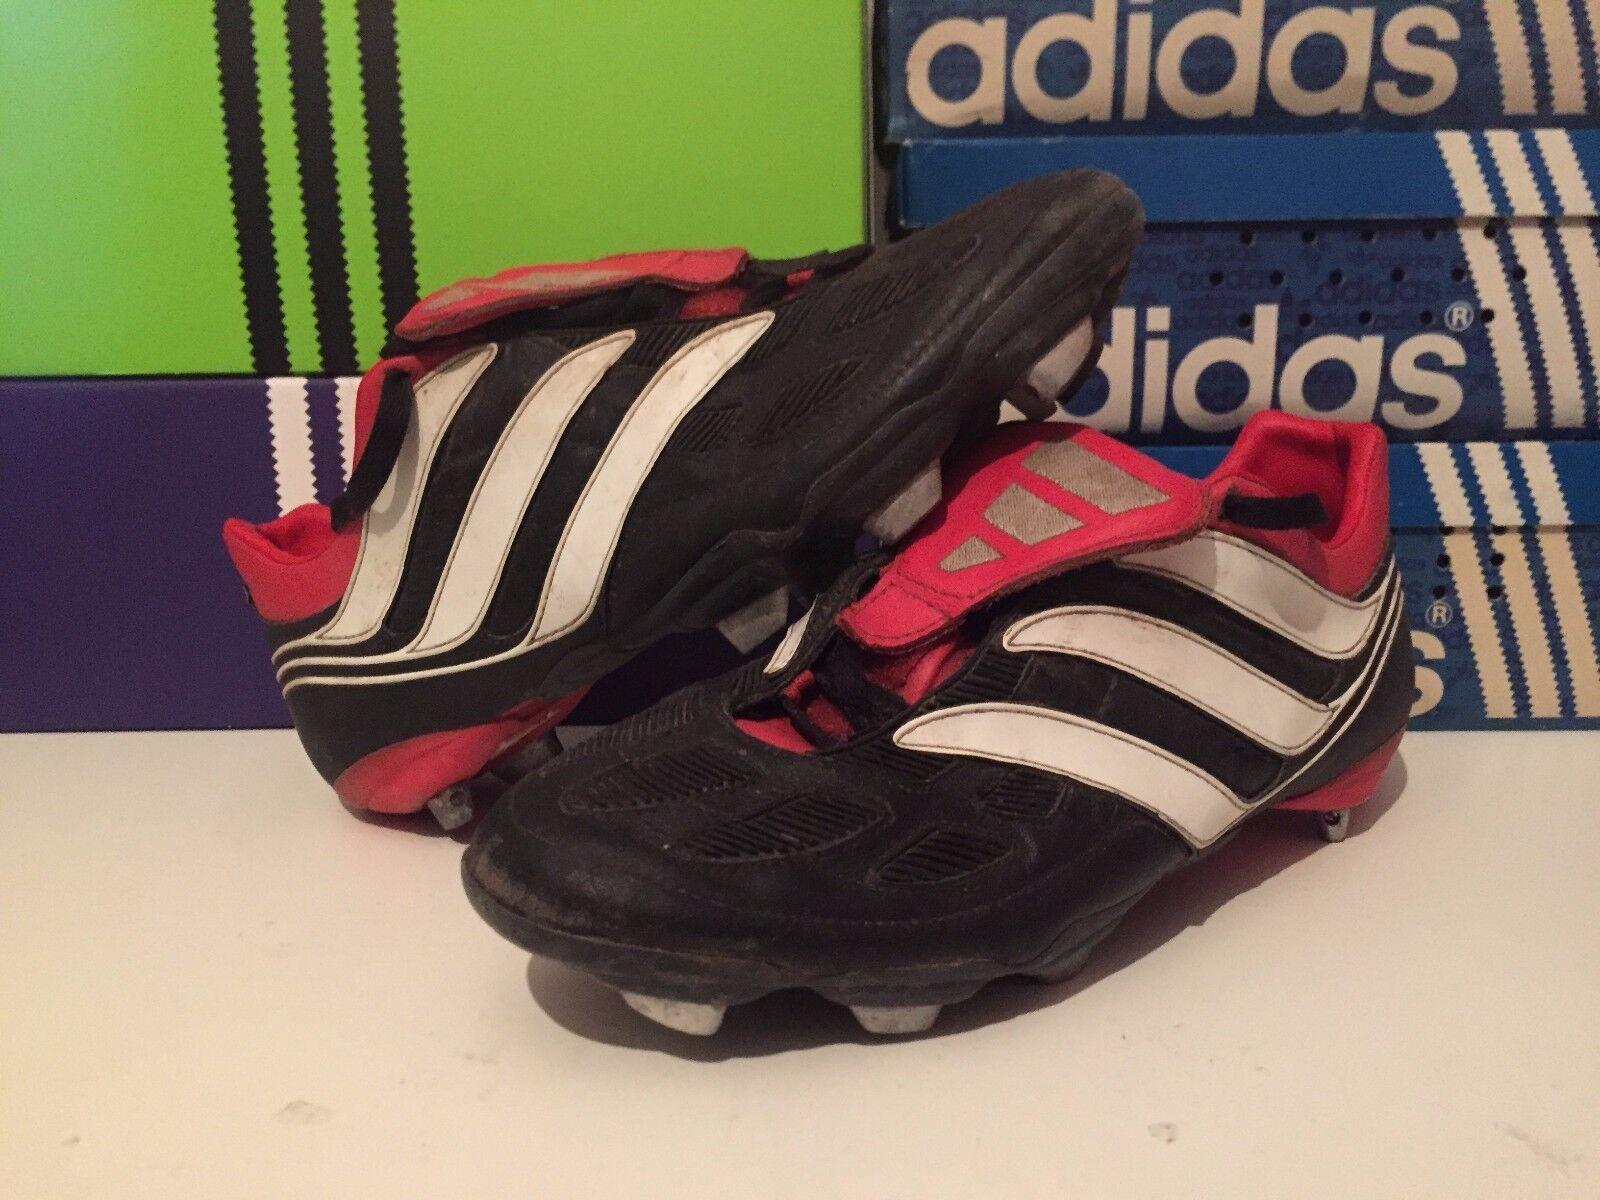 Adidas Pnetwerkator precisie Zwart Wit leder Grootte 10,5 44